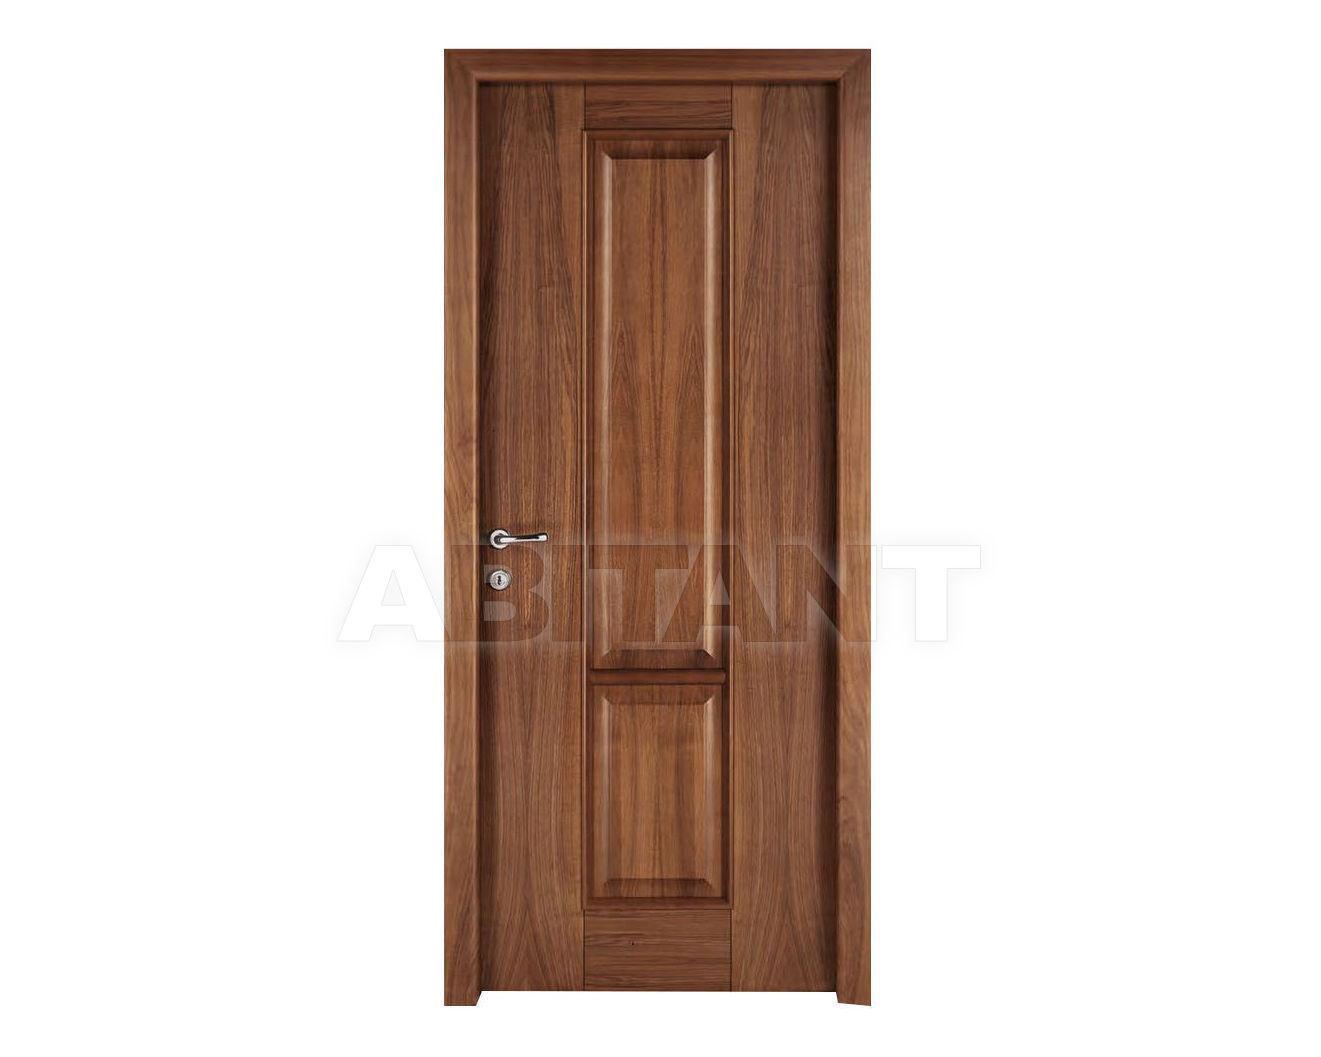 Купить Дверь деревянная Fioravazzi Classiche PATRIZIA 26 CIECA